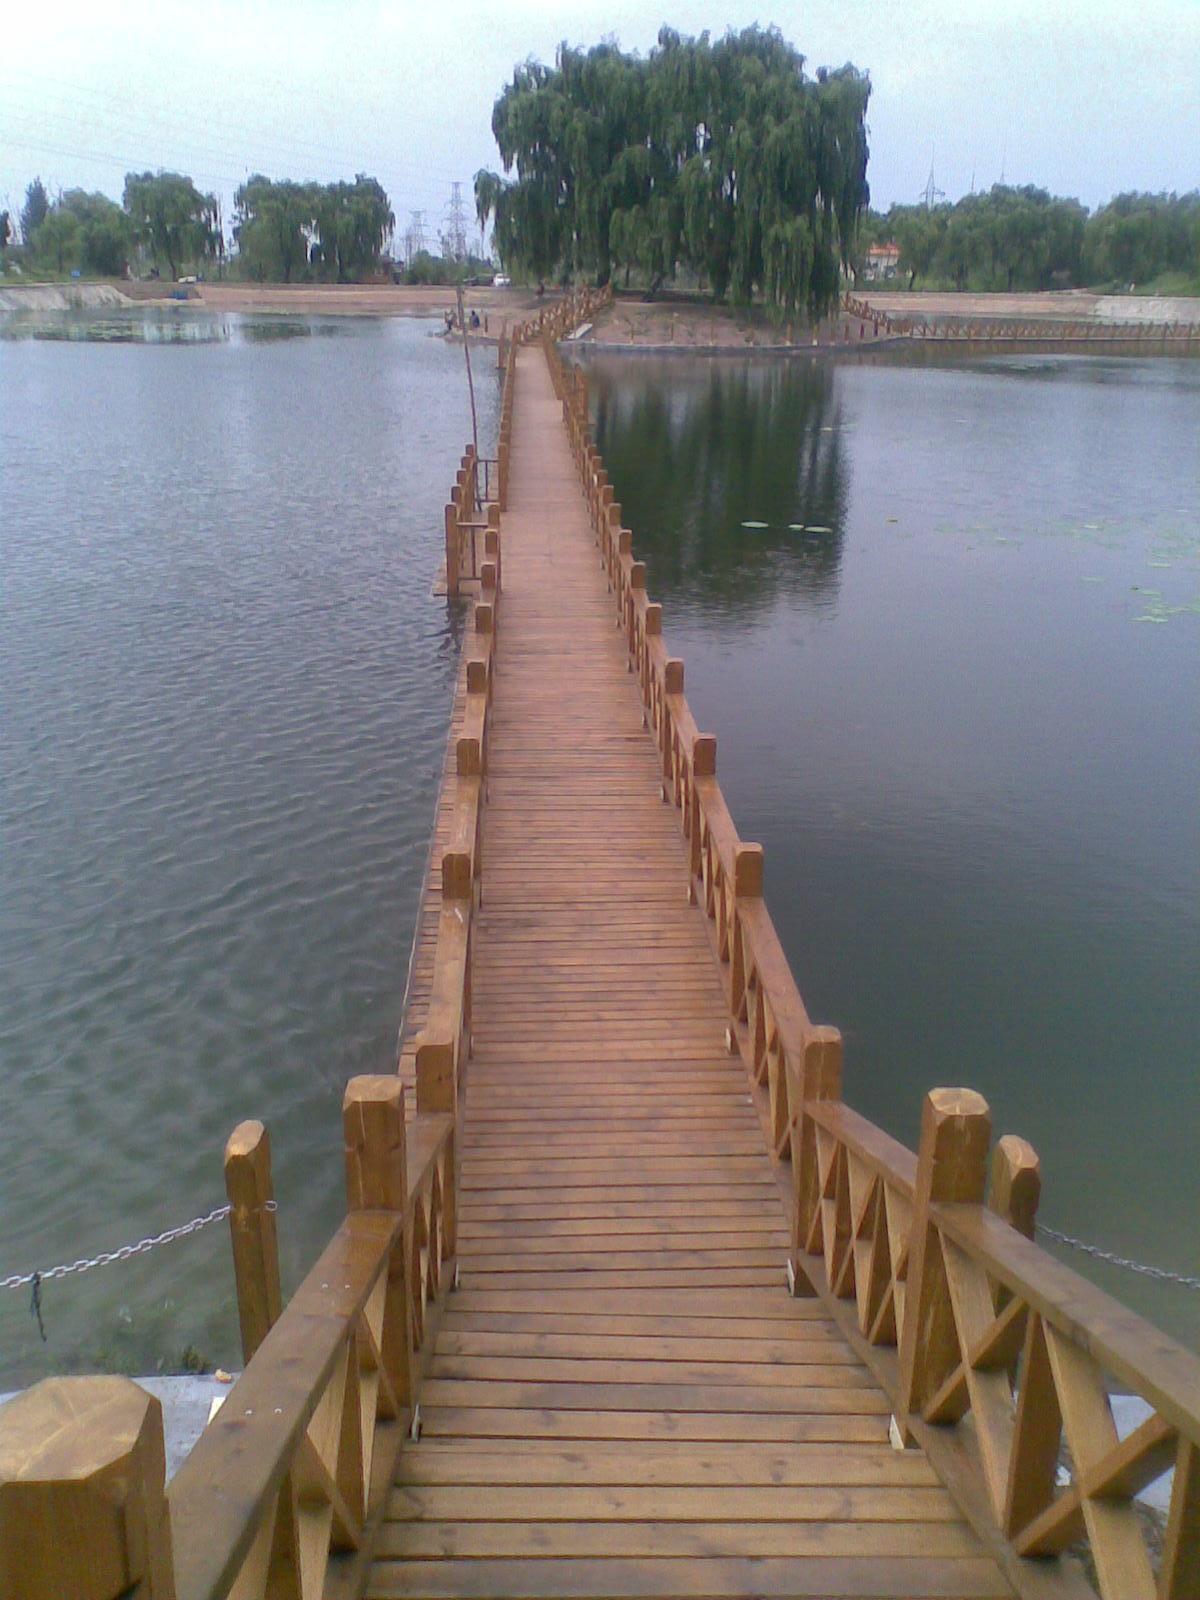 Anticorrosive wooden pontoon bridge